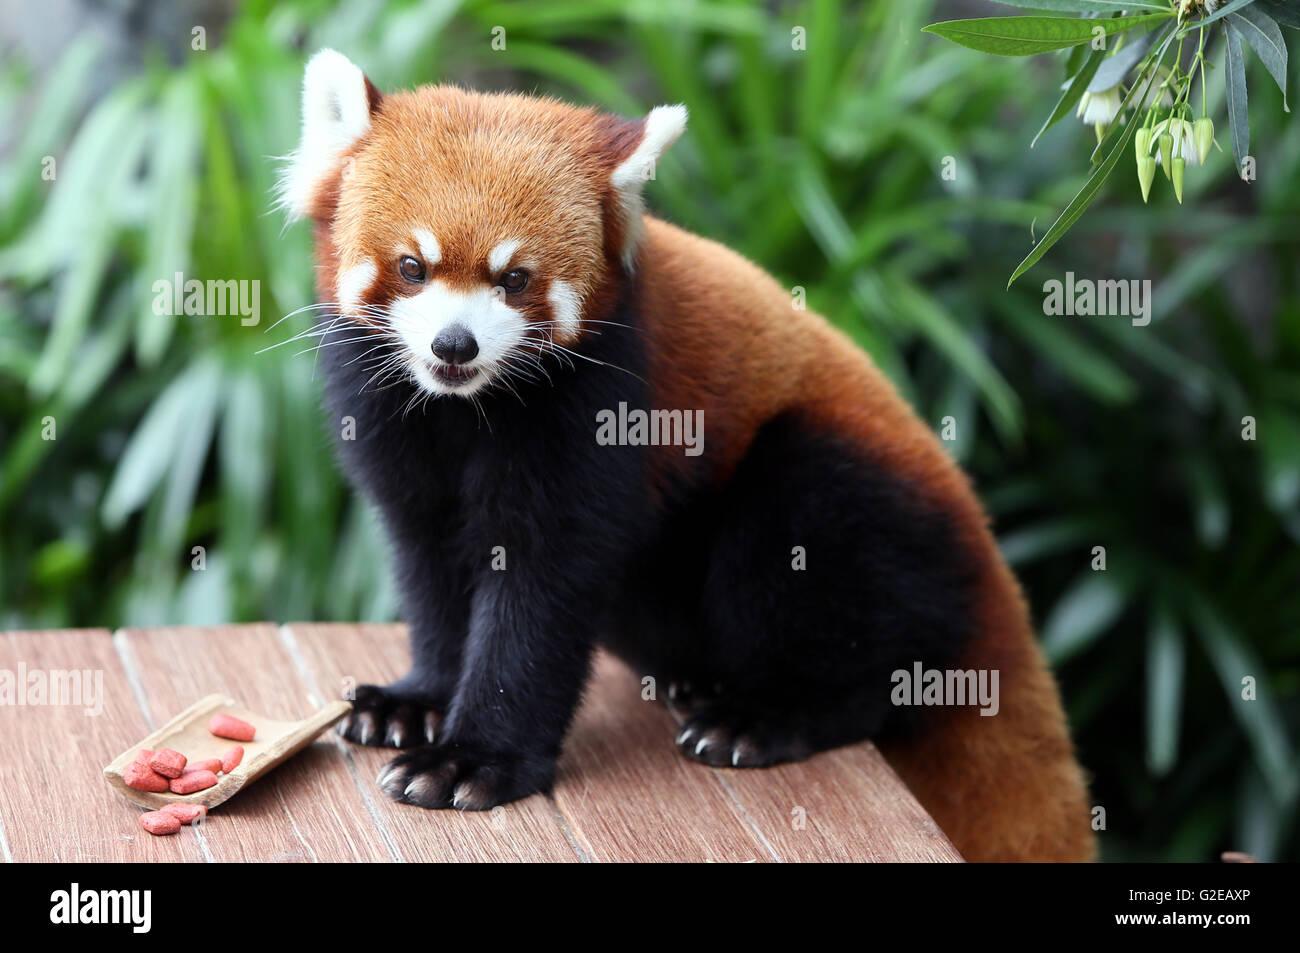 Hong Kong, China. 27th May, 2016. A red panda looks on in the Ocean Park in Hong Kong, south China, May 27, 2016. - Stock Image